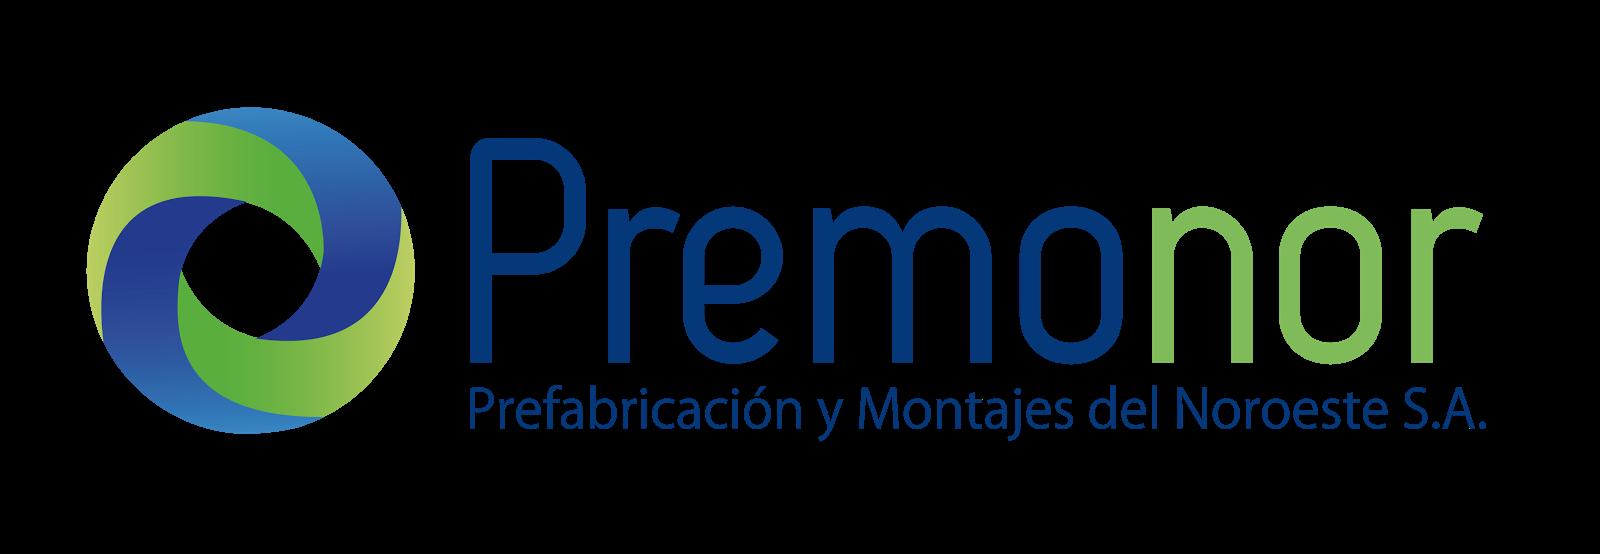 Premonor